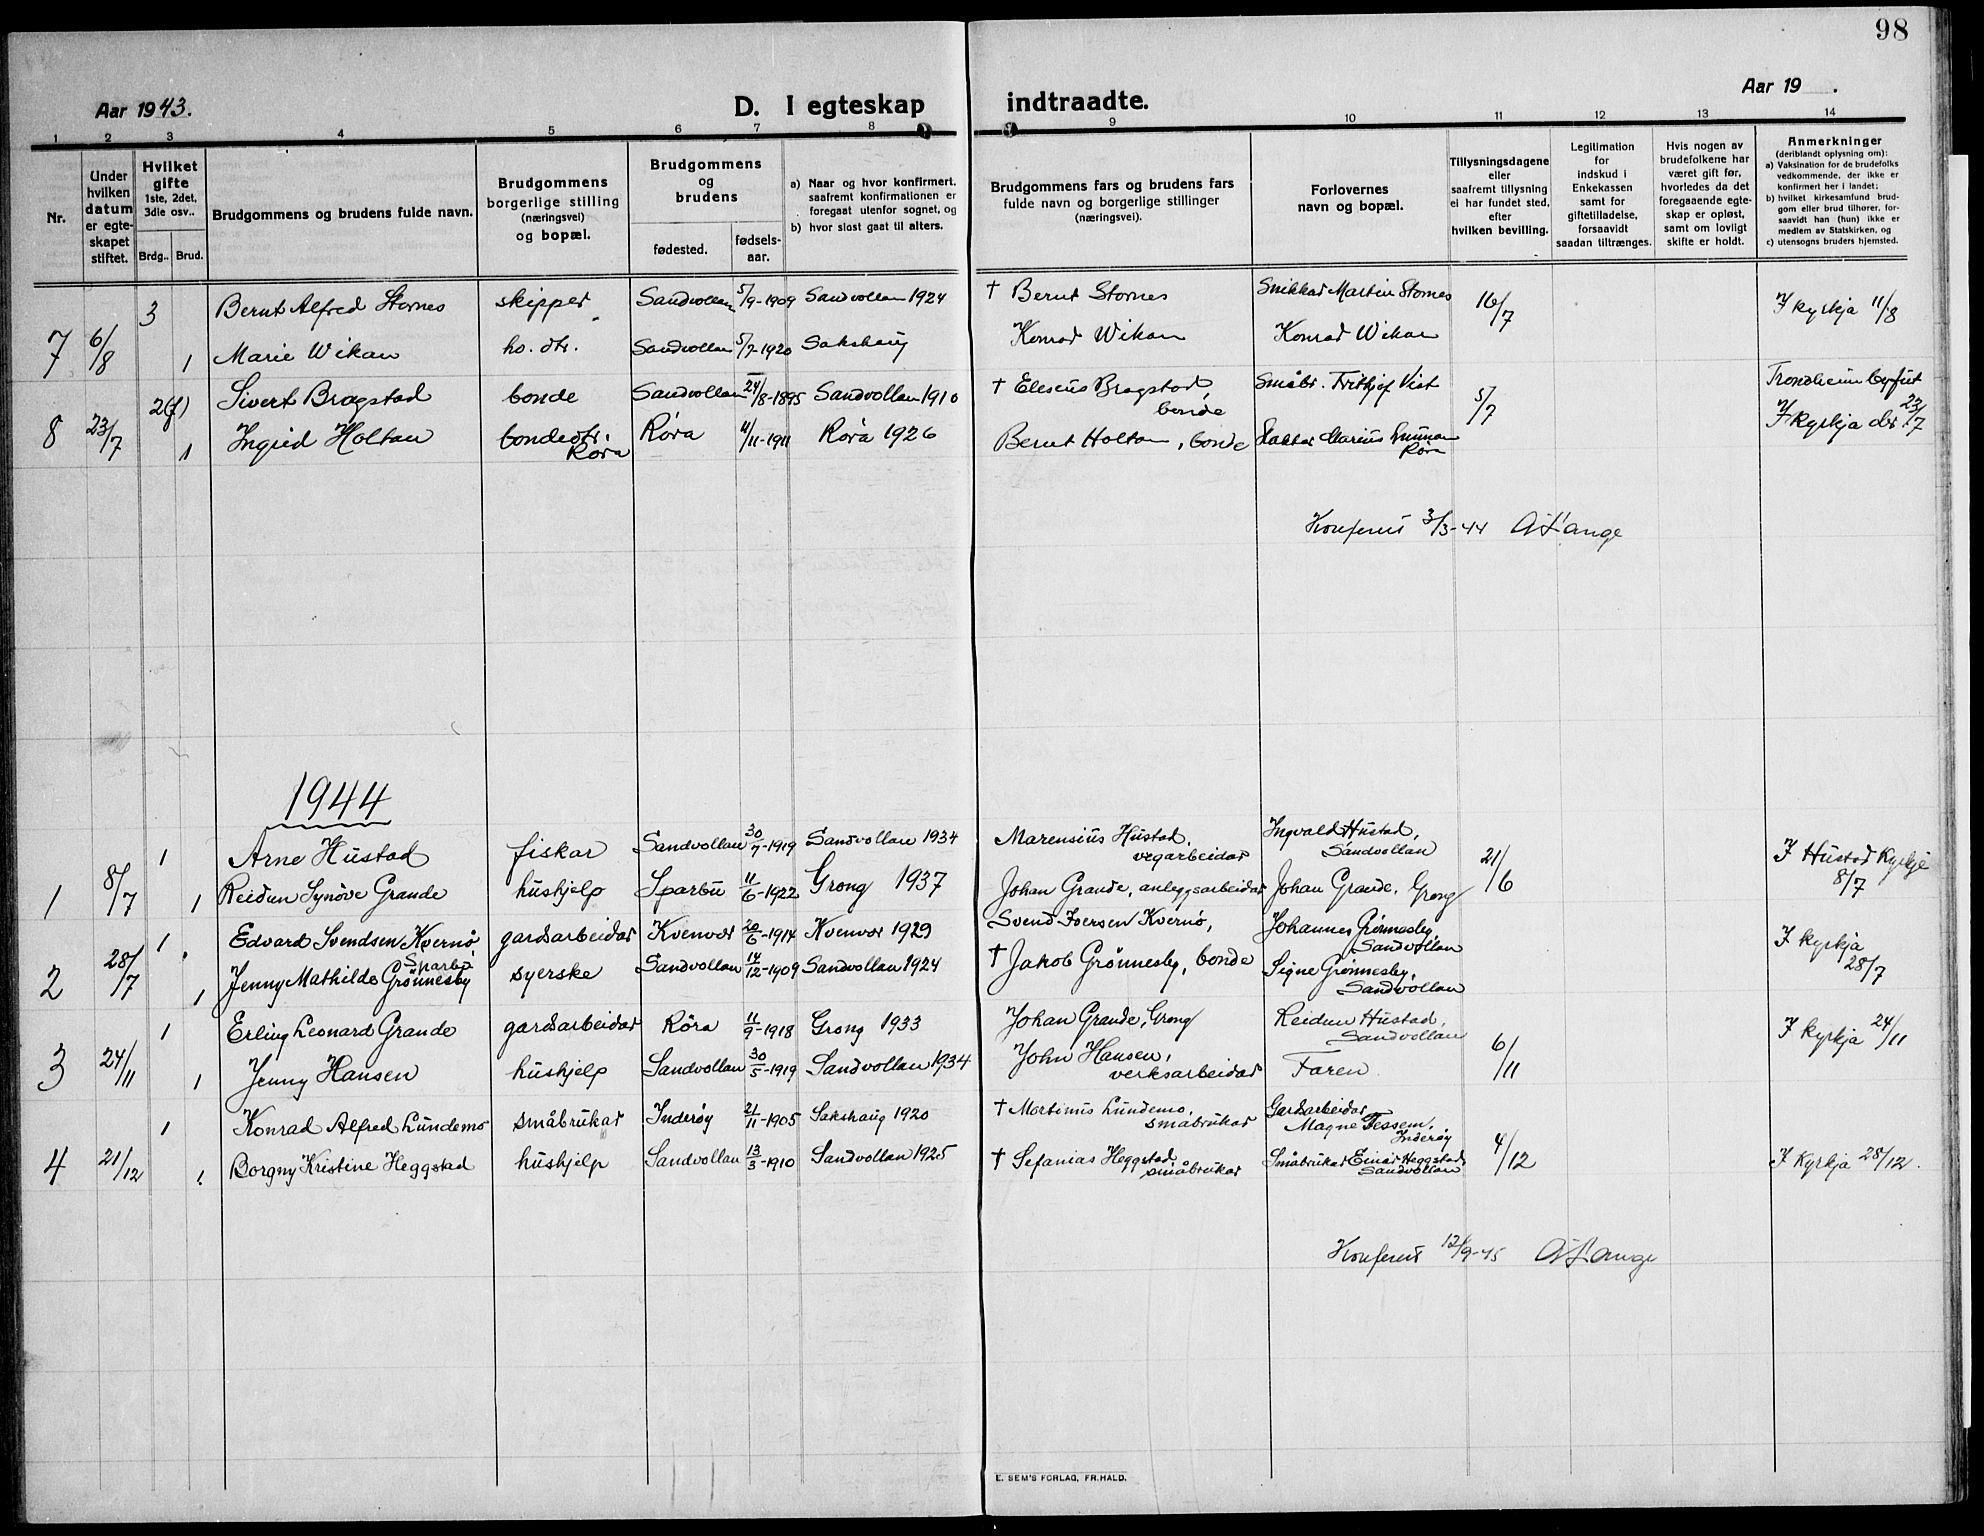 SAT, Ministerialprotokoller, klokkerbøker og fødselsregistre - Nord-Trøndelag, 732/L0319: Klokkerbok nr. 732C03, 1911-1945, s. 98